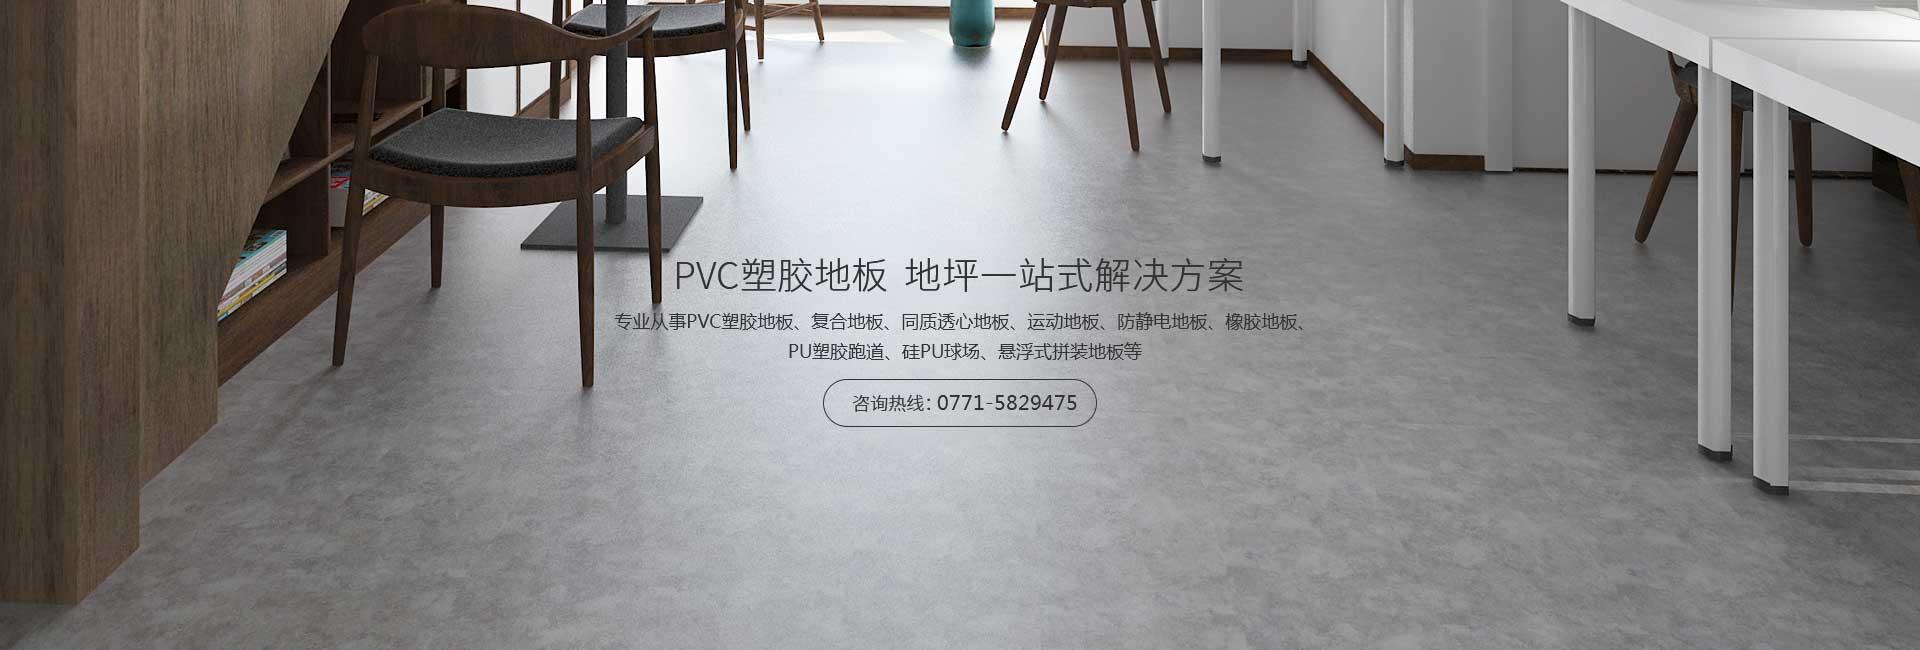 pvc地板报价